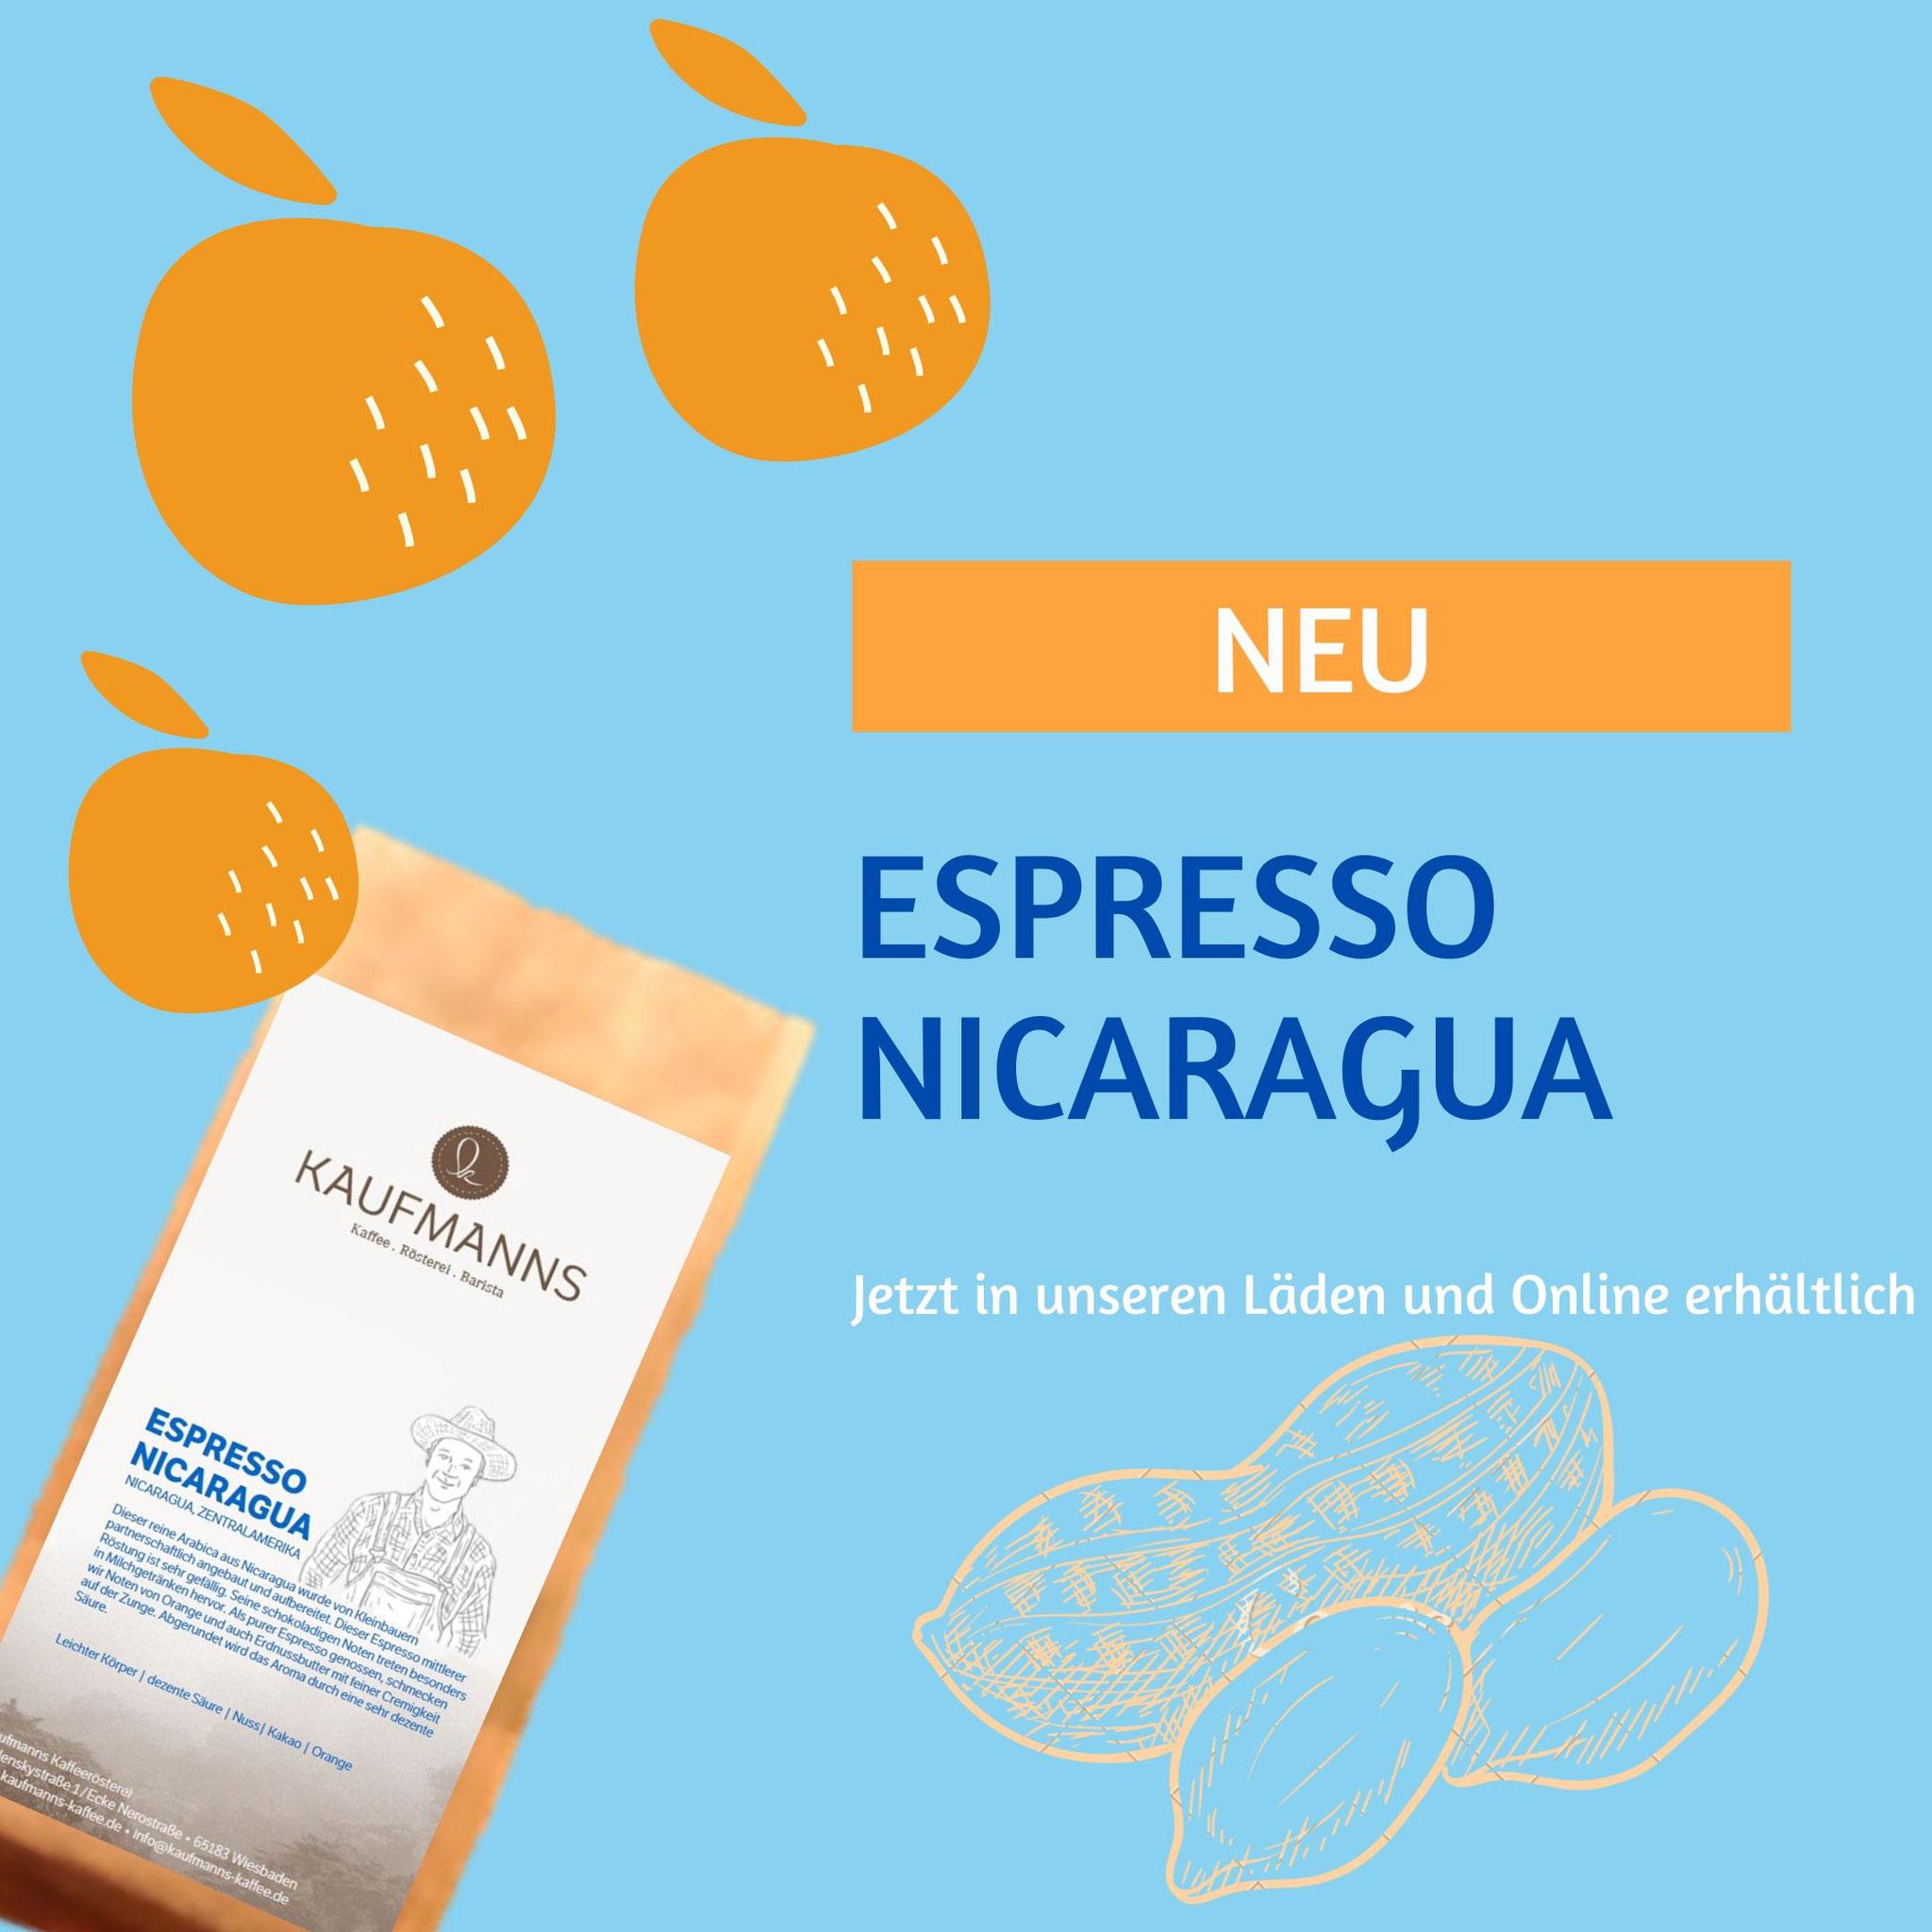 KAUFMANNS Espresso Nicaragua, leichter, fruchtiger Espresso